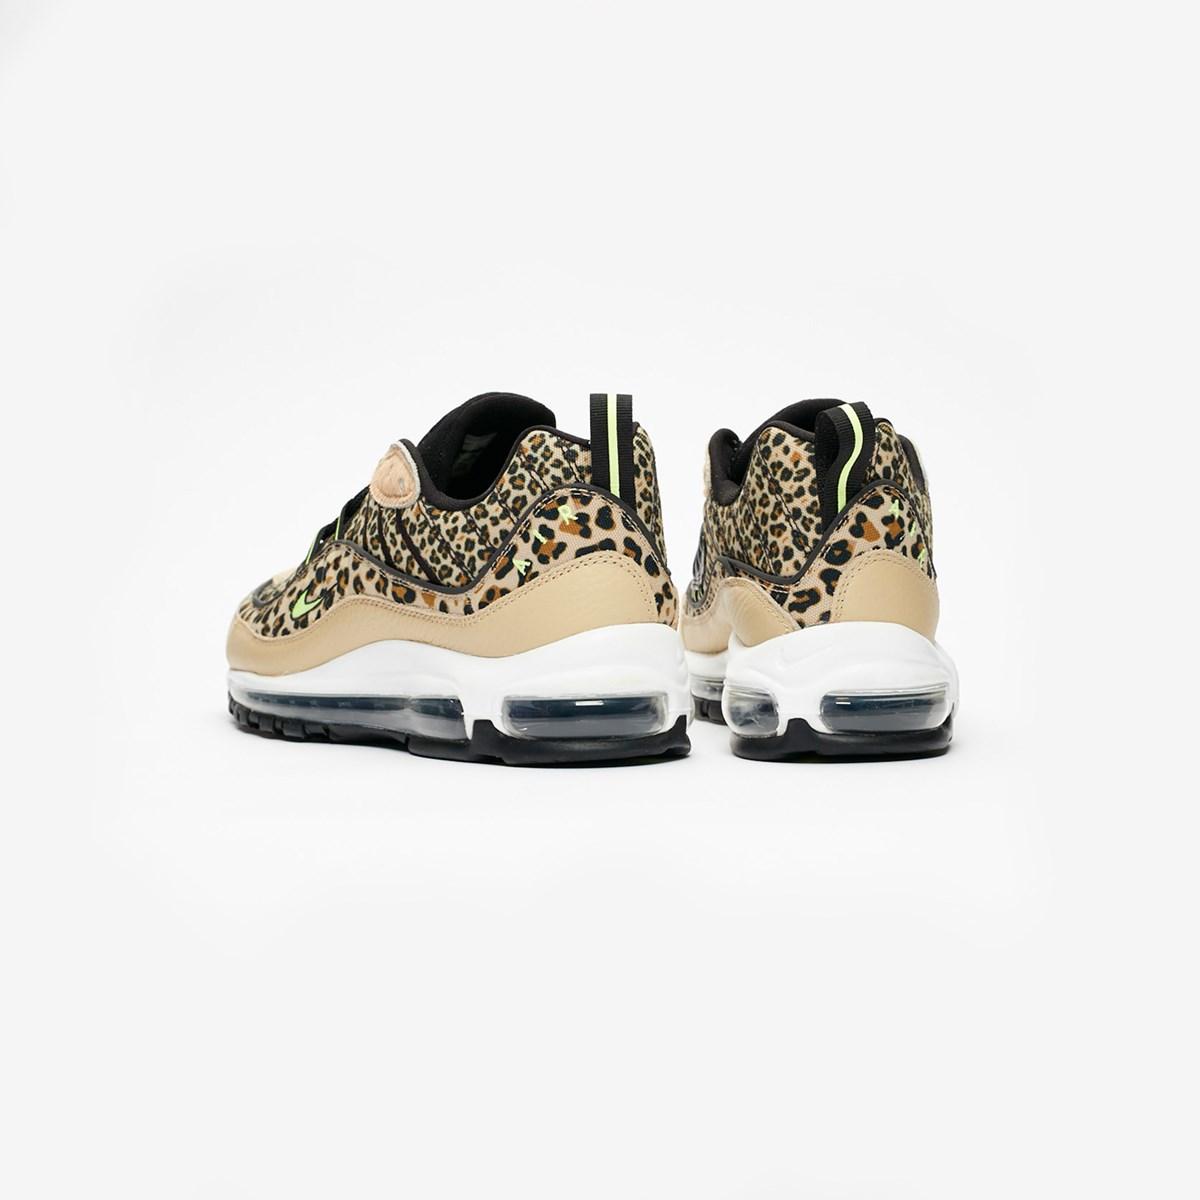 Nike Wmns Air Max 98 Premium Bv1978 200 Sneakersnstuff | sneakers & streetwear på nätet sen 1999